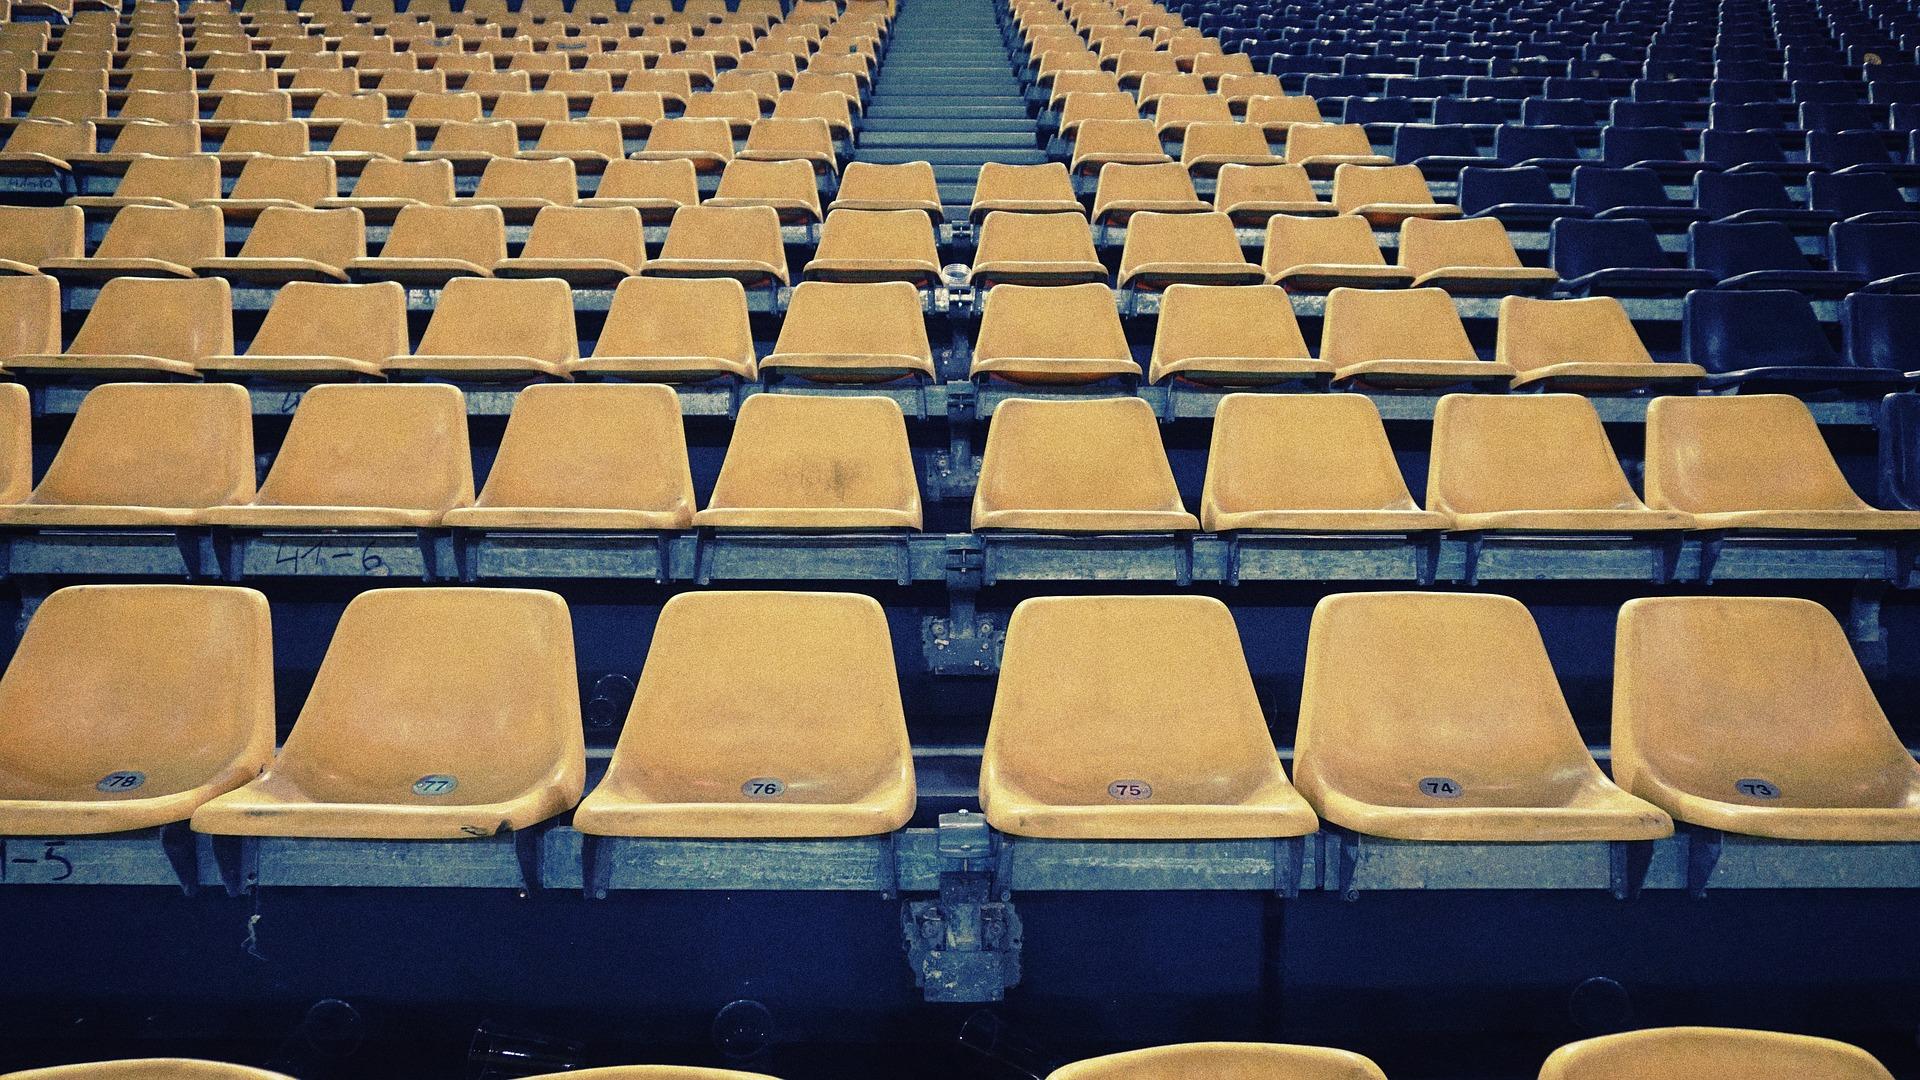 auditorium-1867130_1920